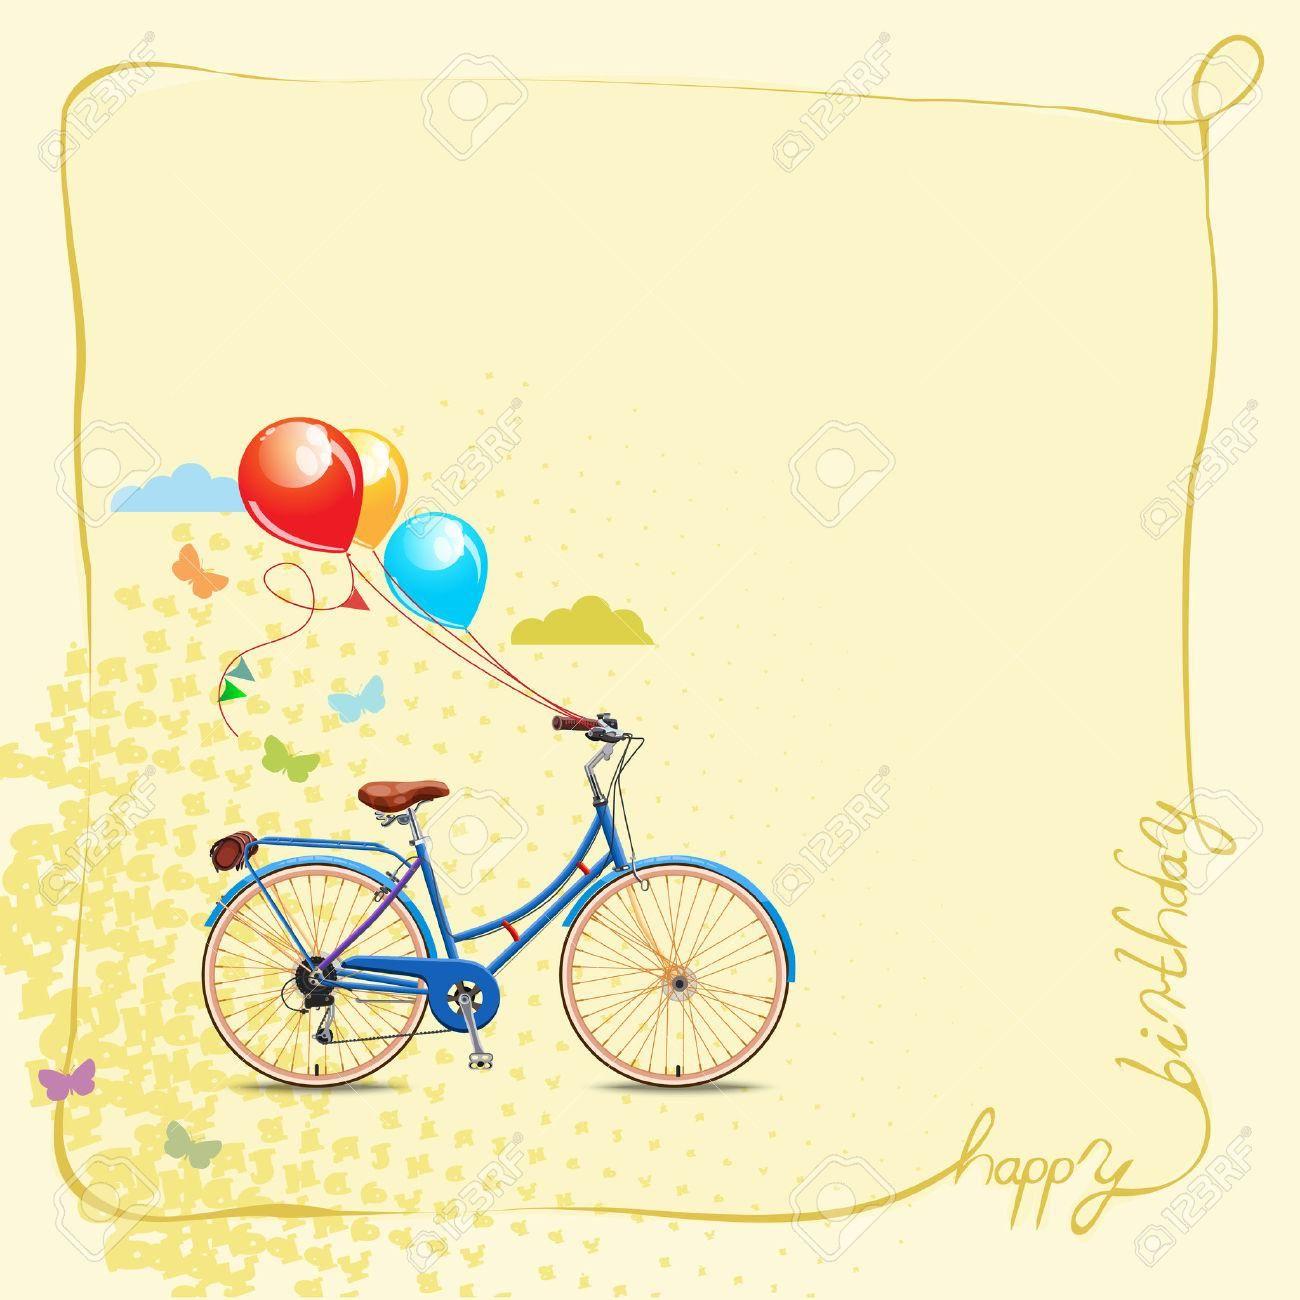 Einladungskarten Geburtstag Download : Einladungskarten 40 Geburtstag  Download   Kindergeburtstag Einladung   Kindergeburtstag Einladung |  Pinterest.